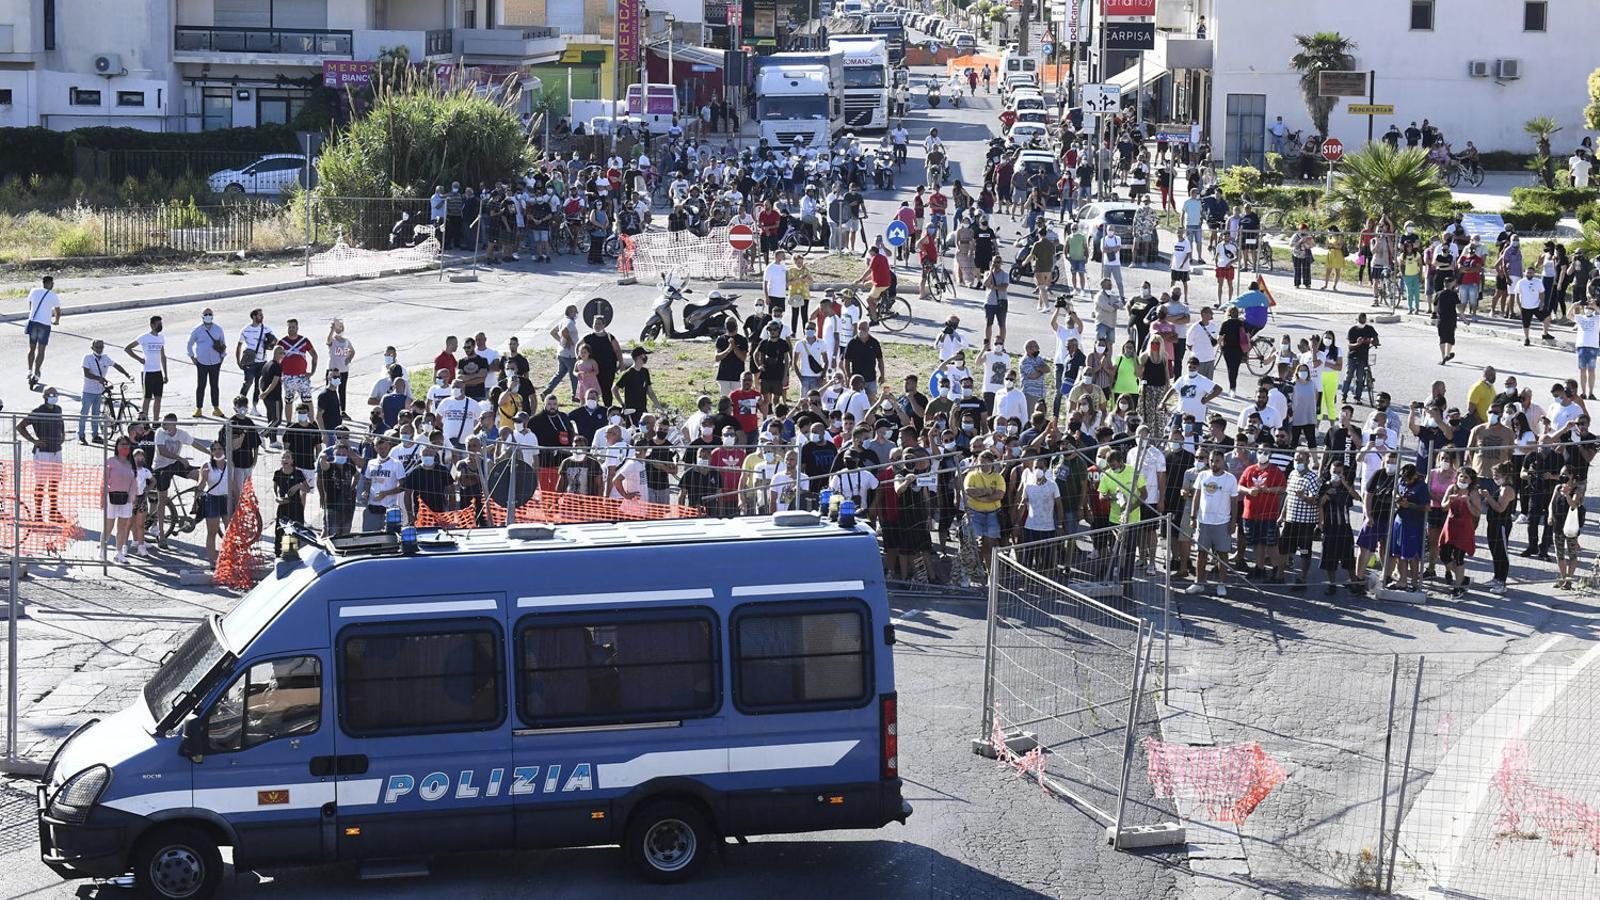 Desenes de residents de Mondragone, a la Campània, protestant ahir davant l'edifici on s'ha declarat un brot de coronavirus.